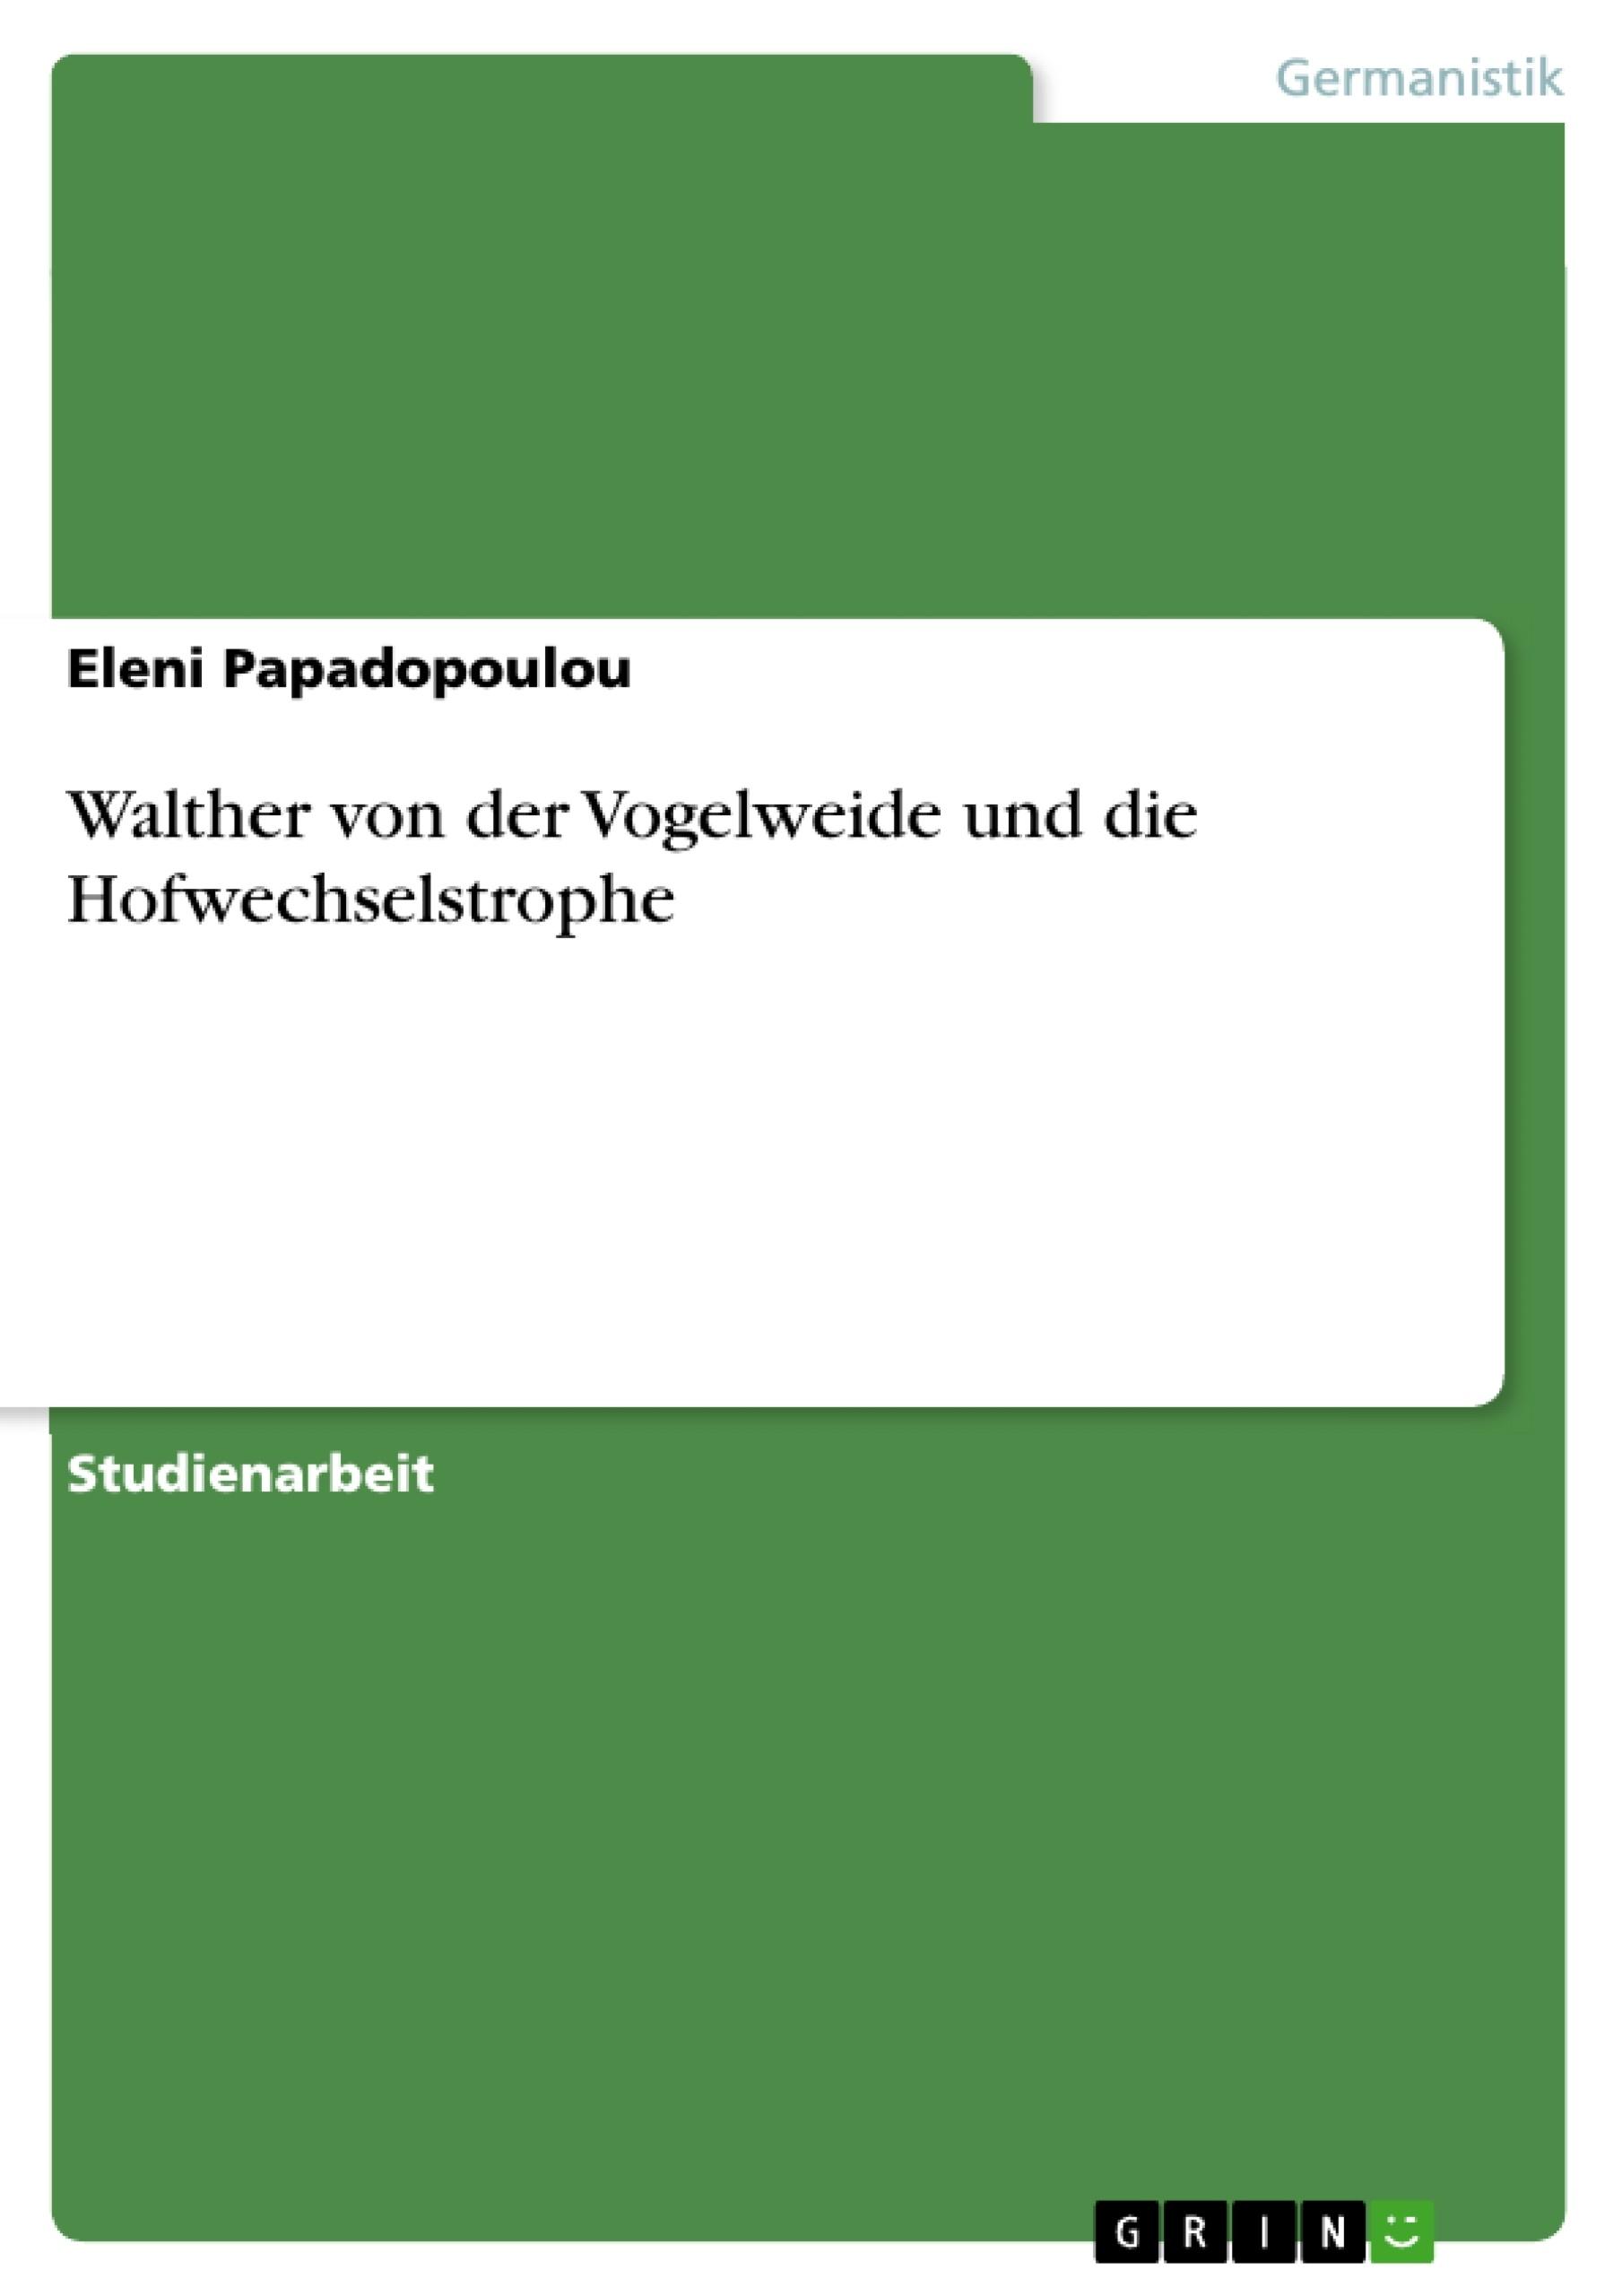 Titel: Walther von der Vogelweide und die Hofwechselstrophe